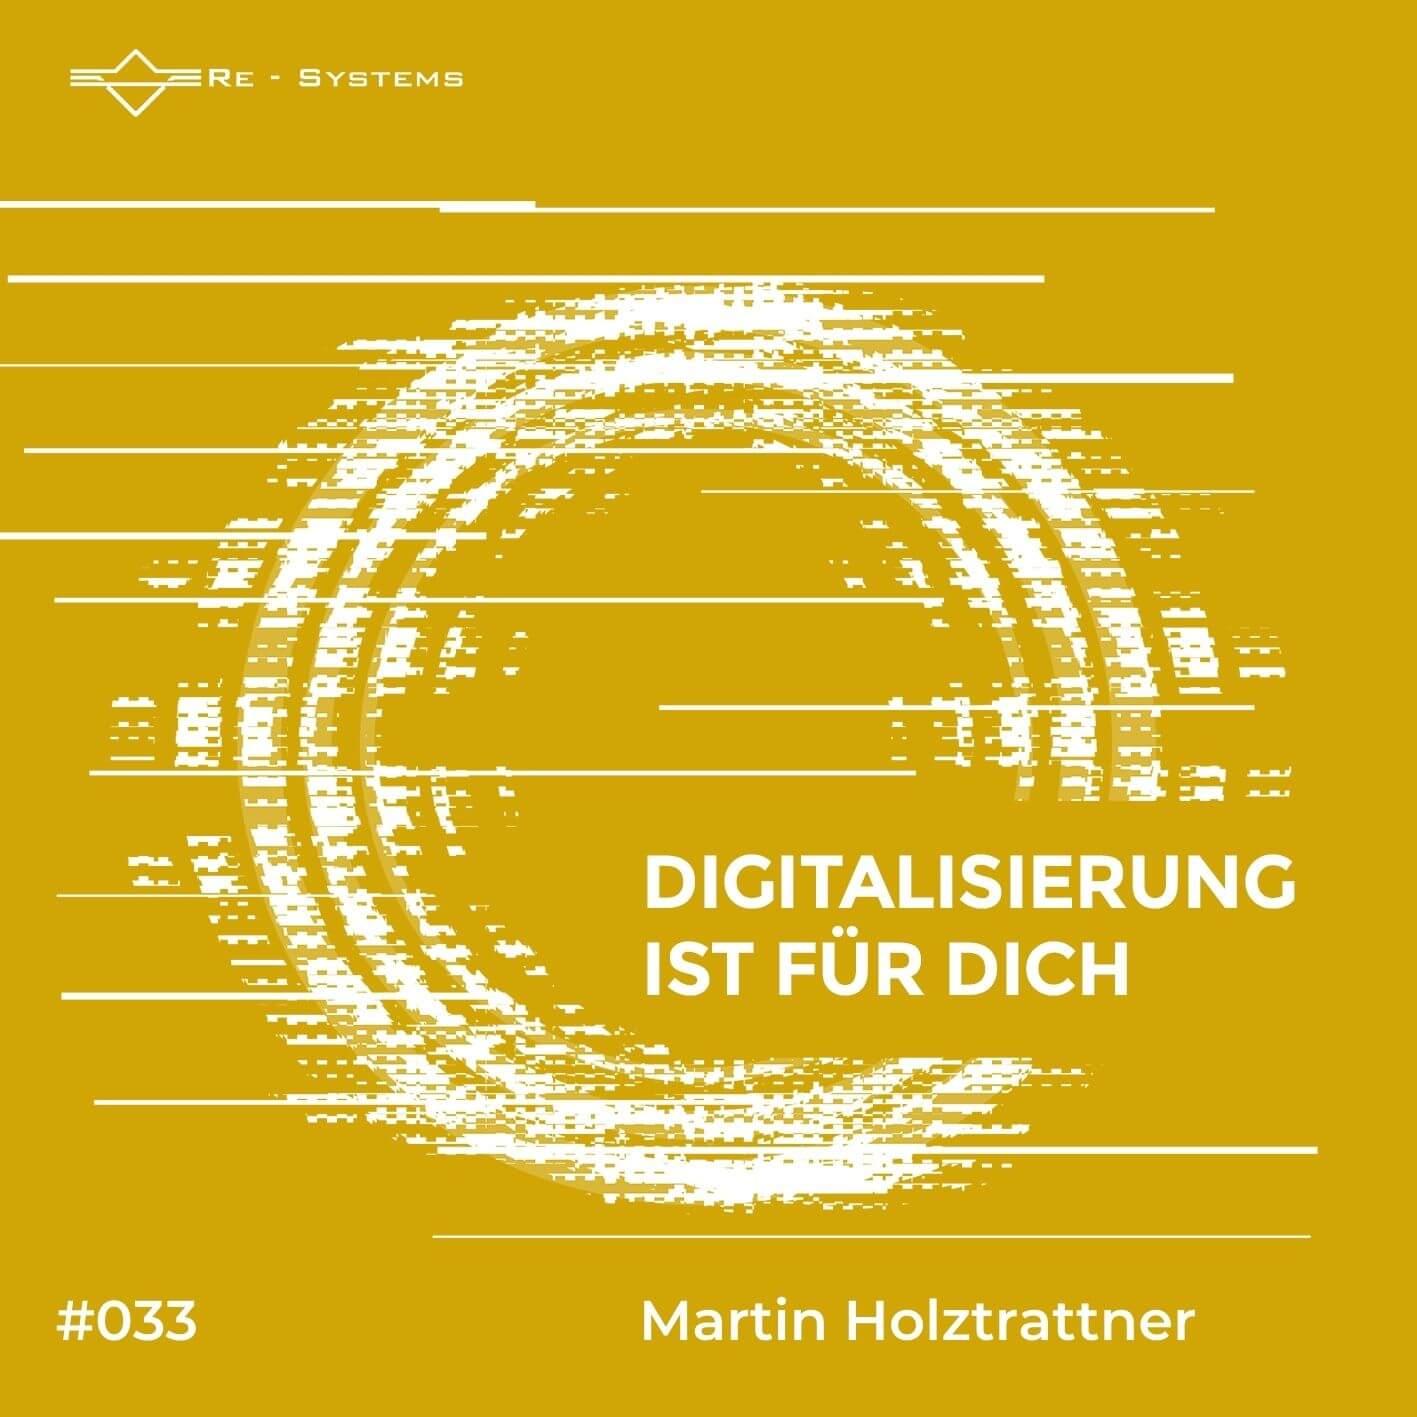 Digitalisierung ist für dich mit Martin Holztrattner